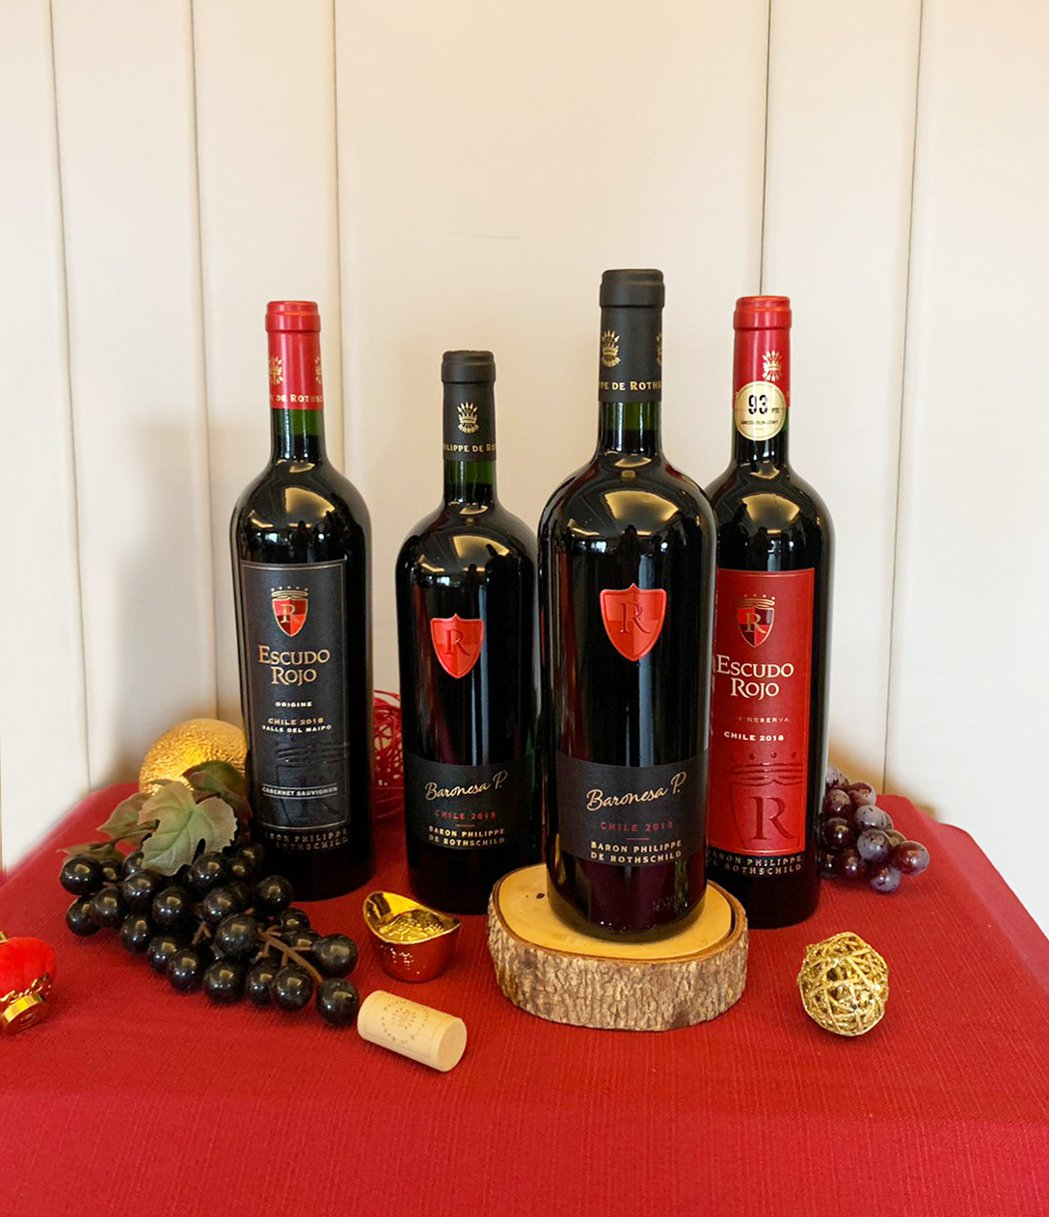 橡木桶洋酒除了廣告商品麥卡倫、蘇格登、皇家禮炮、百富等,更擁有多國特色酒款的獨家...